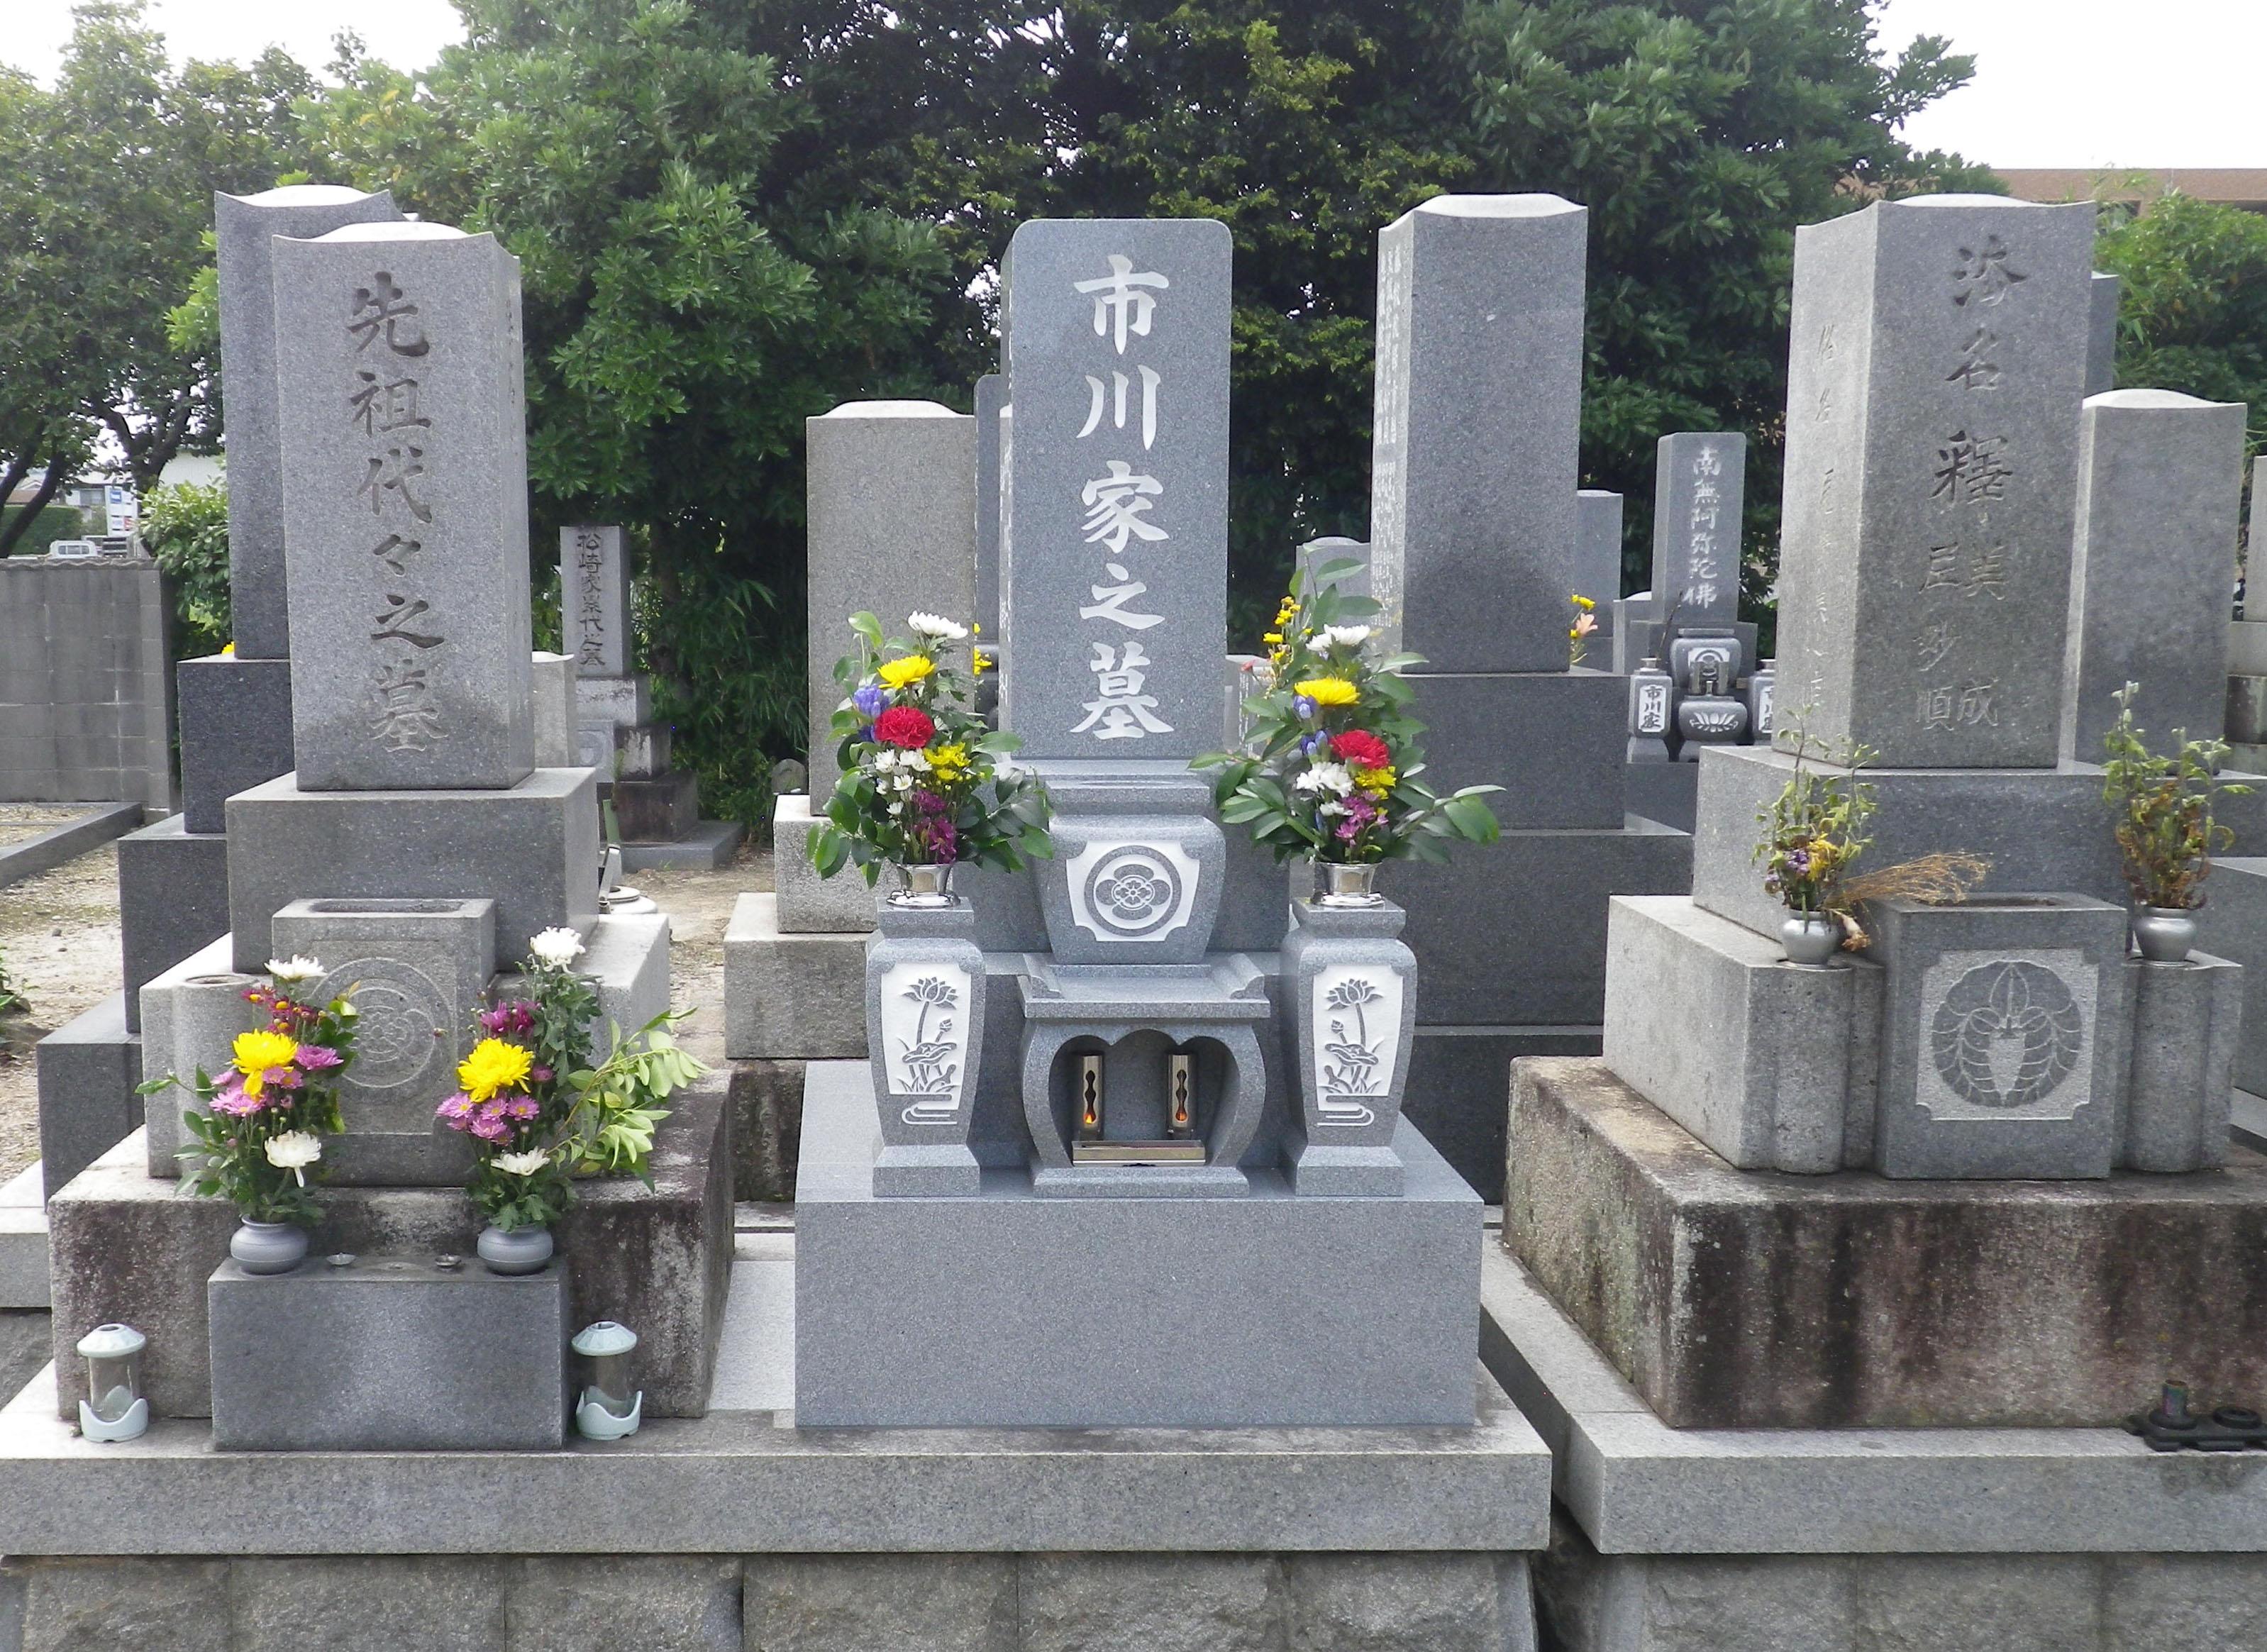 201508 ○西尾市 寺院墓地(玄照寺) 中国産 CF88 9寸和型 市川一男様